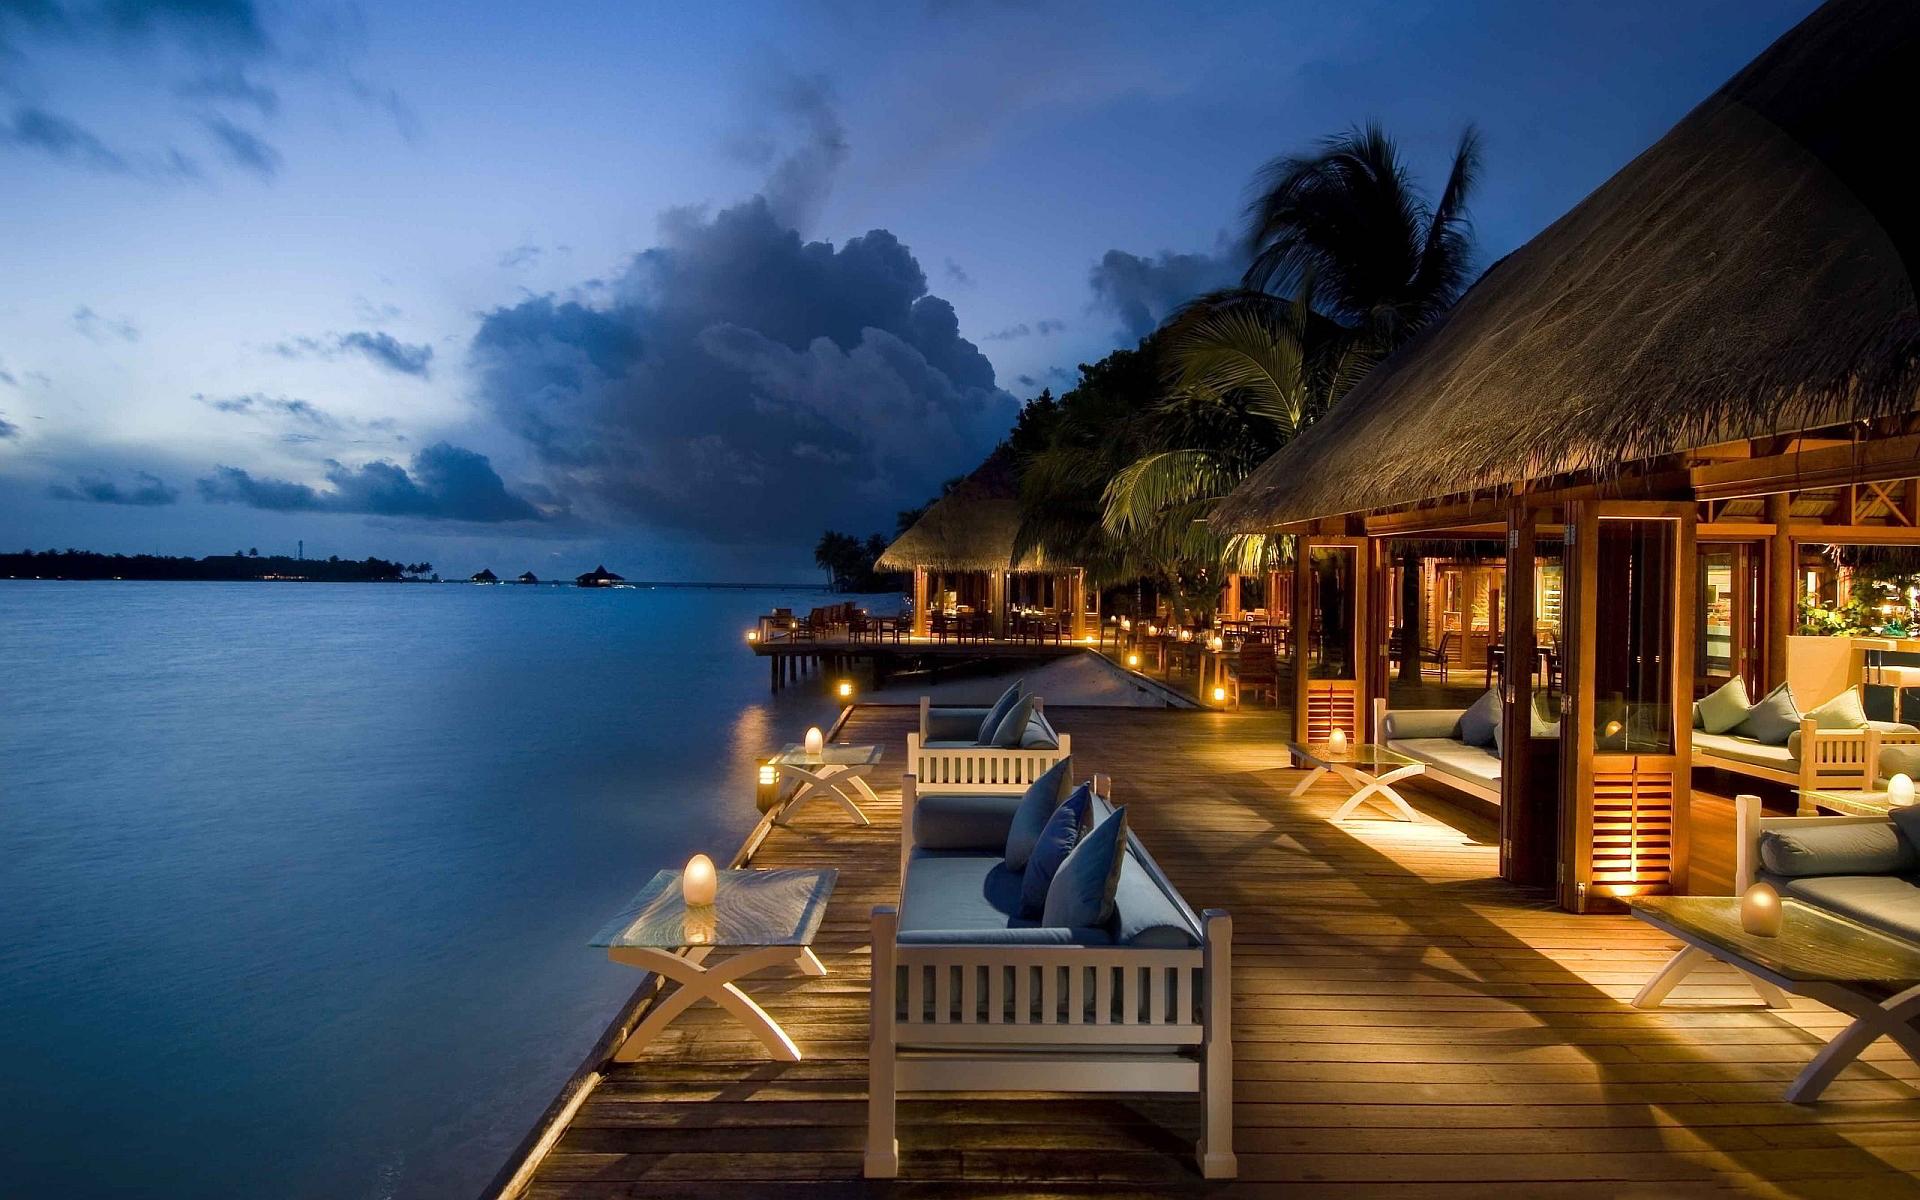 Relaxing resort evening